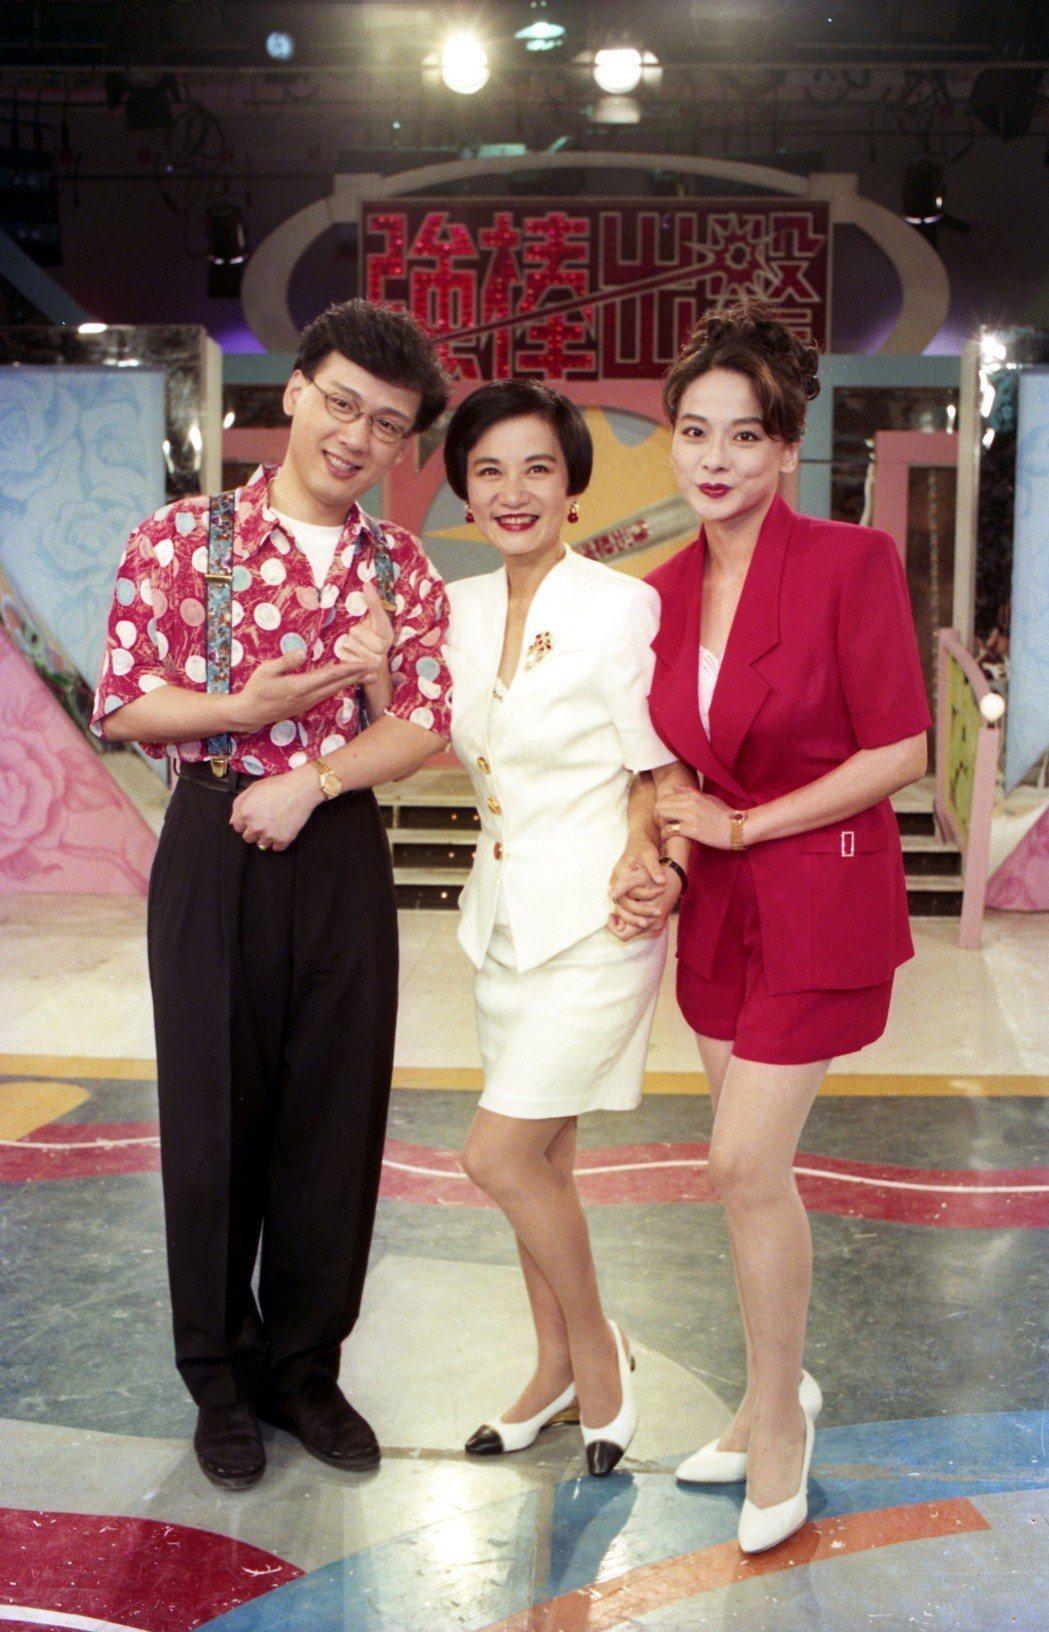 綜藝節目「強棒出擊」二日錄影現場,左起為李茂山、張小燕與王瑞玲。 本報資料照片